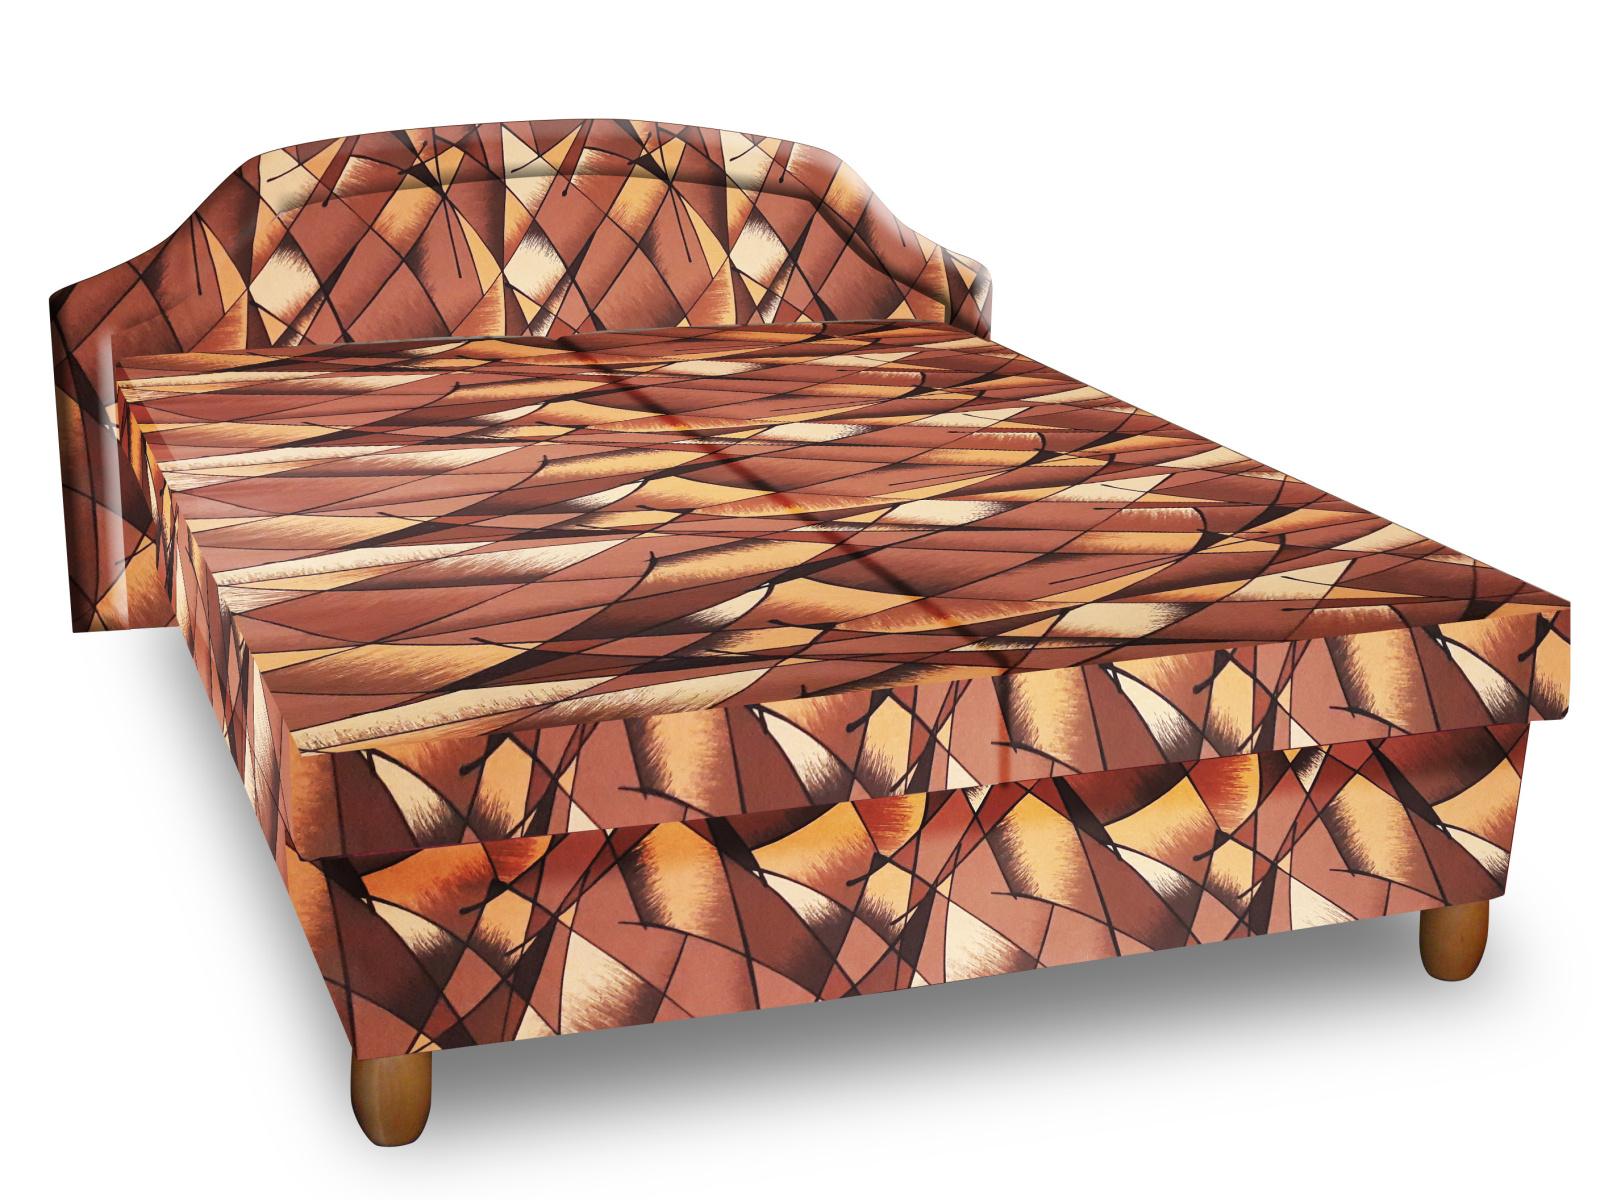 Smartshop Čalouněná postel KARINA 160x195 cm, hnědožlutá látka